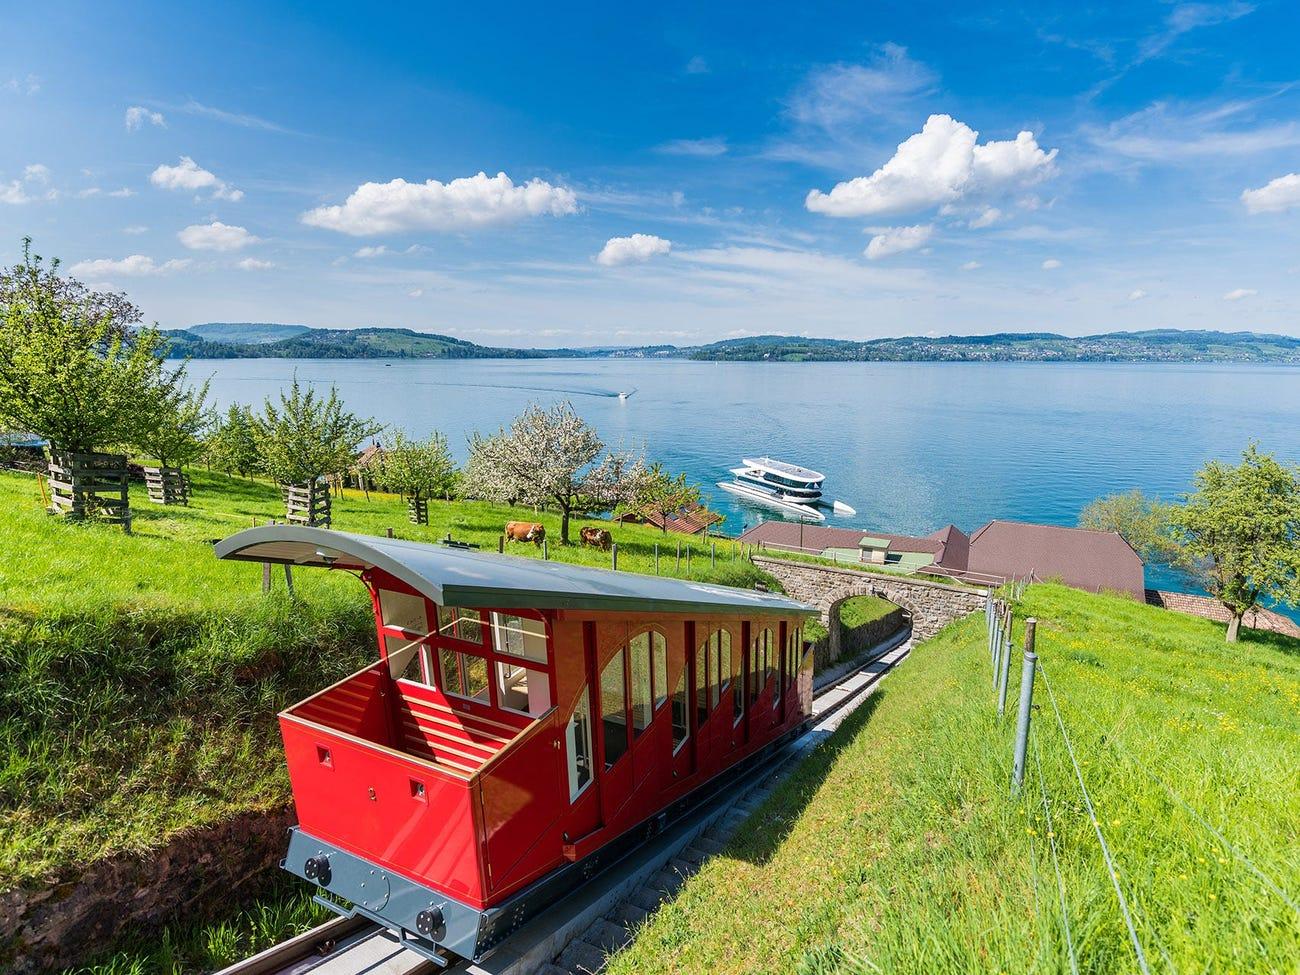 Du khách có thể đến resort bằng ôtô, trực thăng hoặc máy bay riêng. Sân bay Buochs chỉ cách resort 15 phút di chuyển. Để có trải nghiệm lãng mạn hơn, bạn có thể chọn du thuyền đưa đón qua hồ Lucerne, sau đó đi tàu hoả leo núi để đến khu nghỉ dưỡng. Ảnh: Bürgenstock Hotels AG